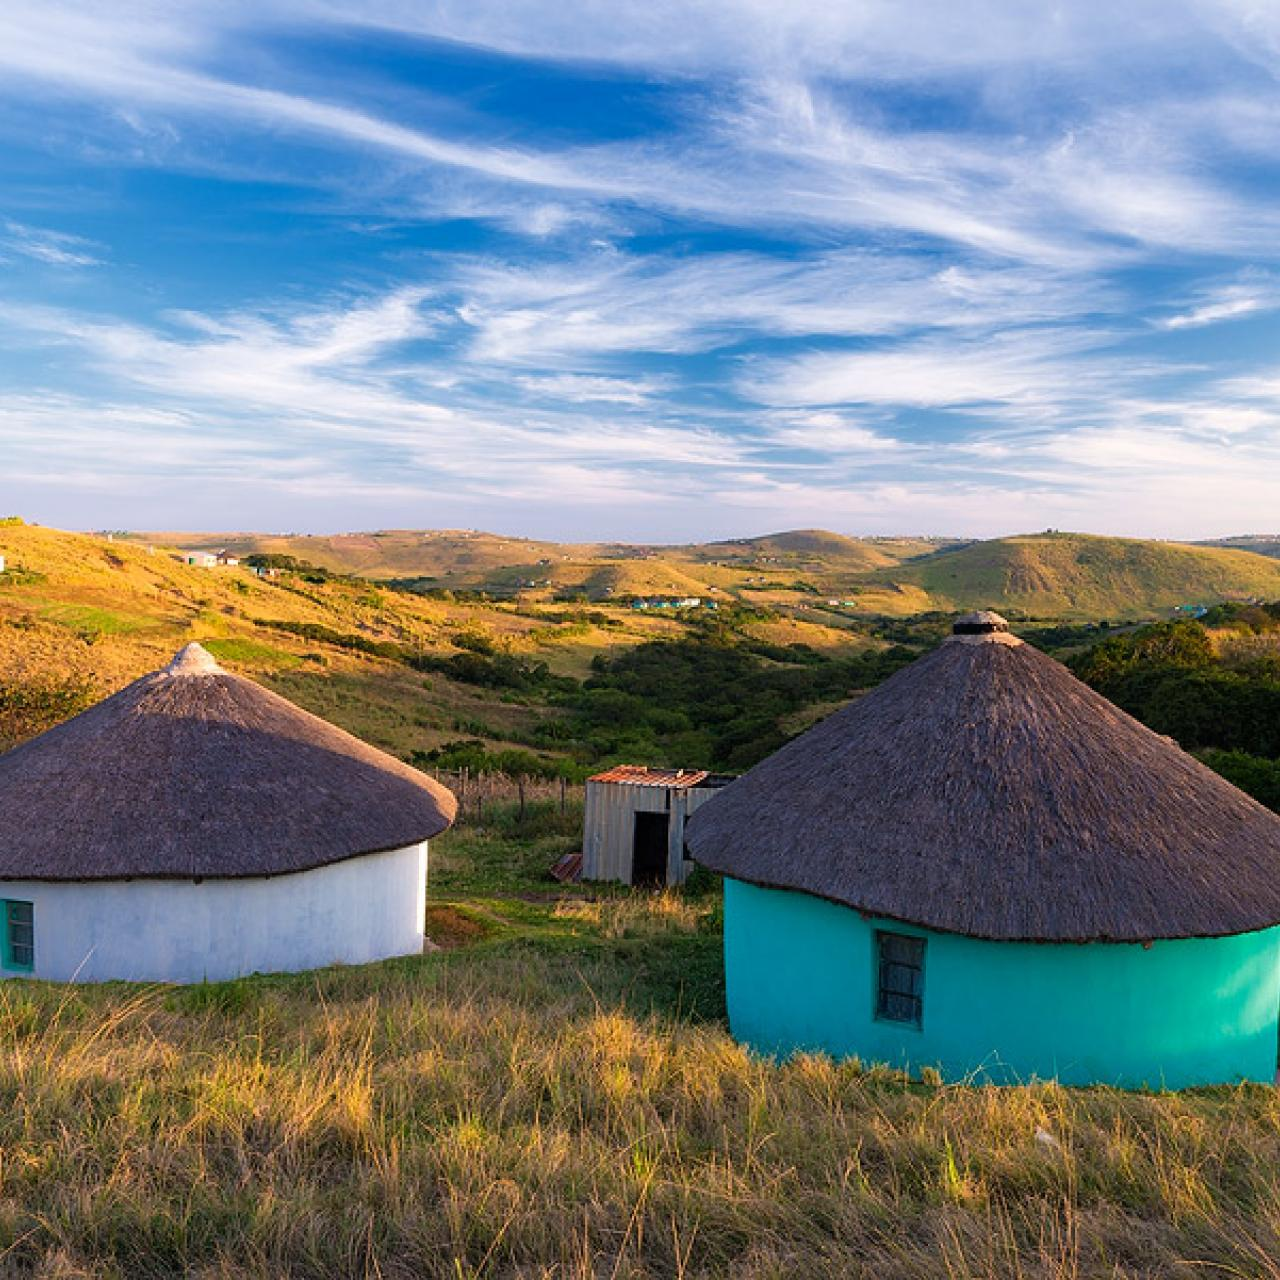 Rural scene near Coffee Bay - (c) Hougaard Malan